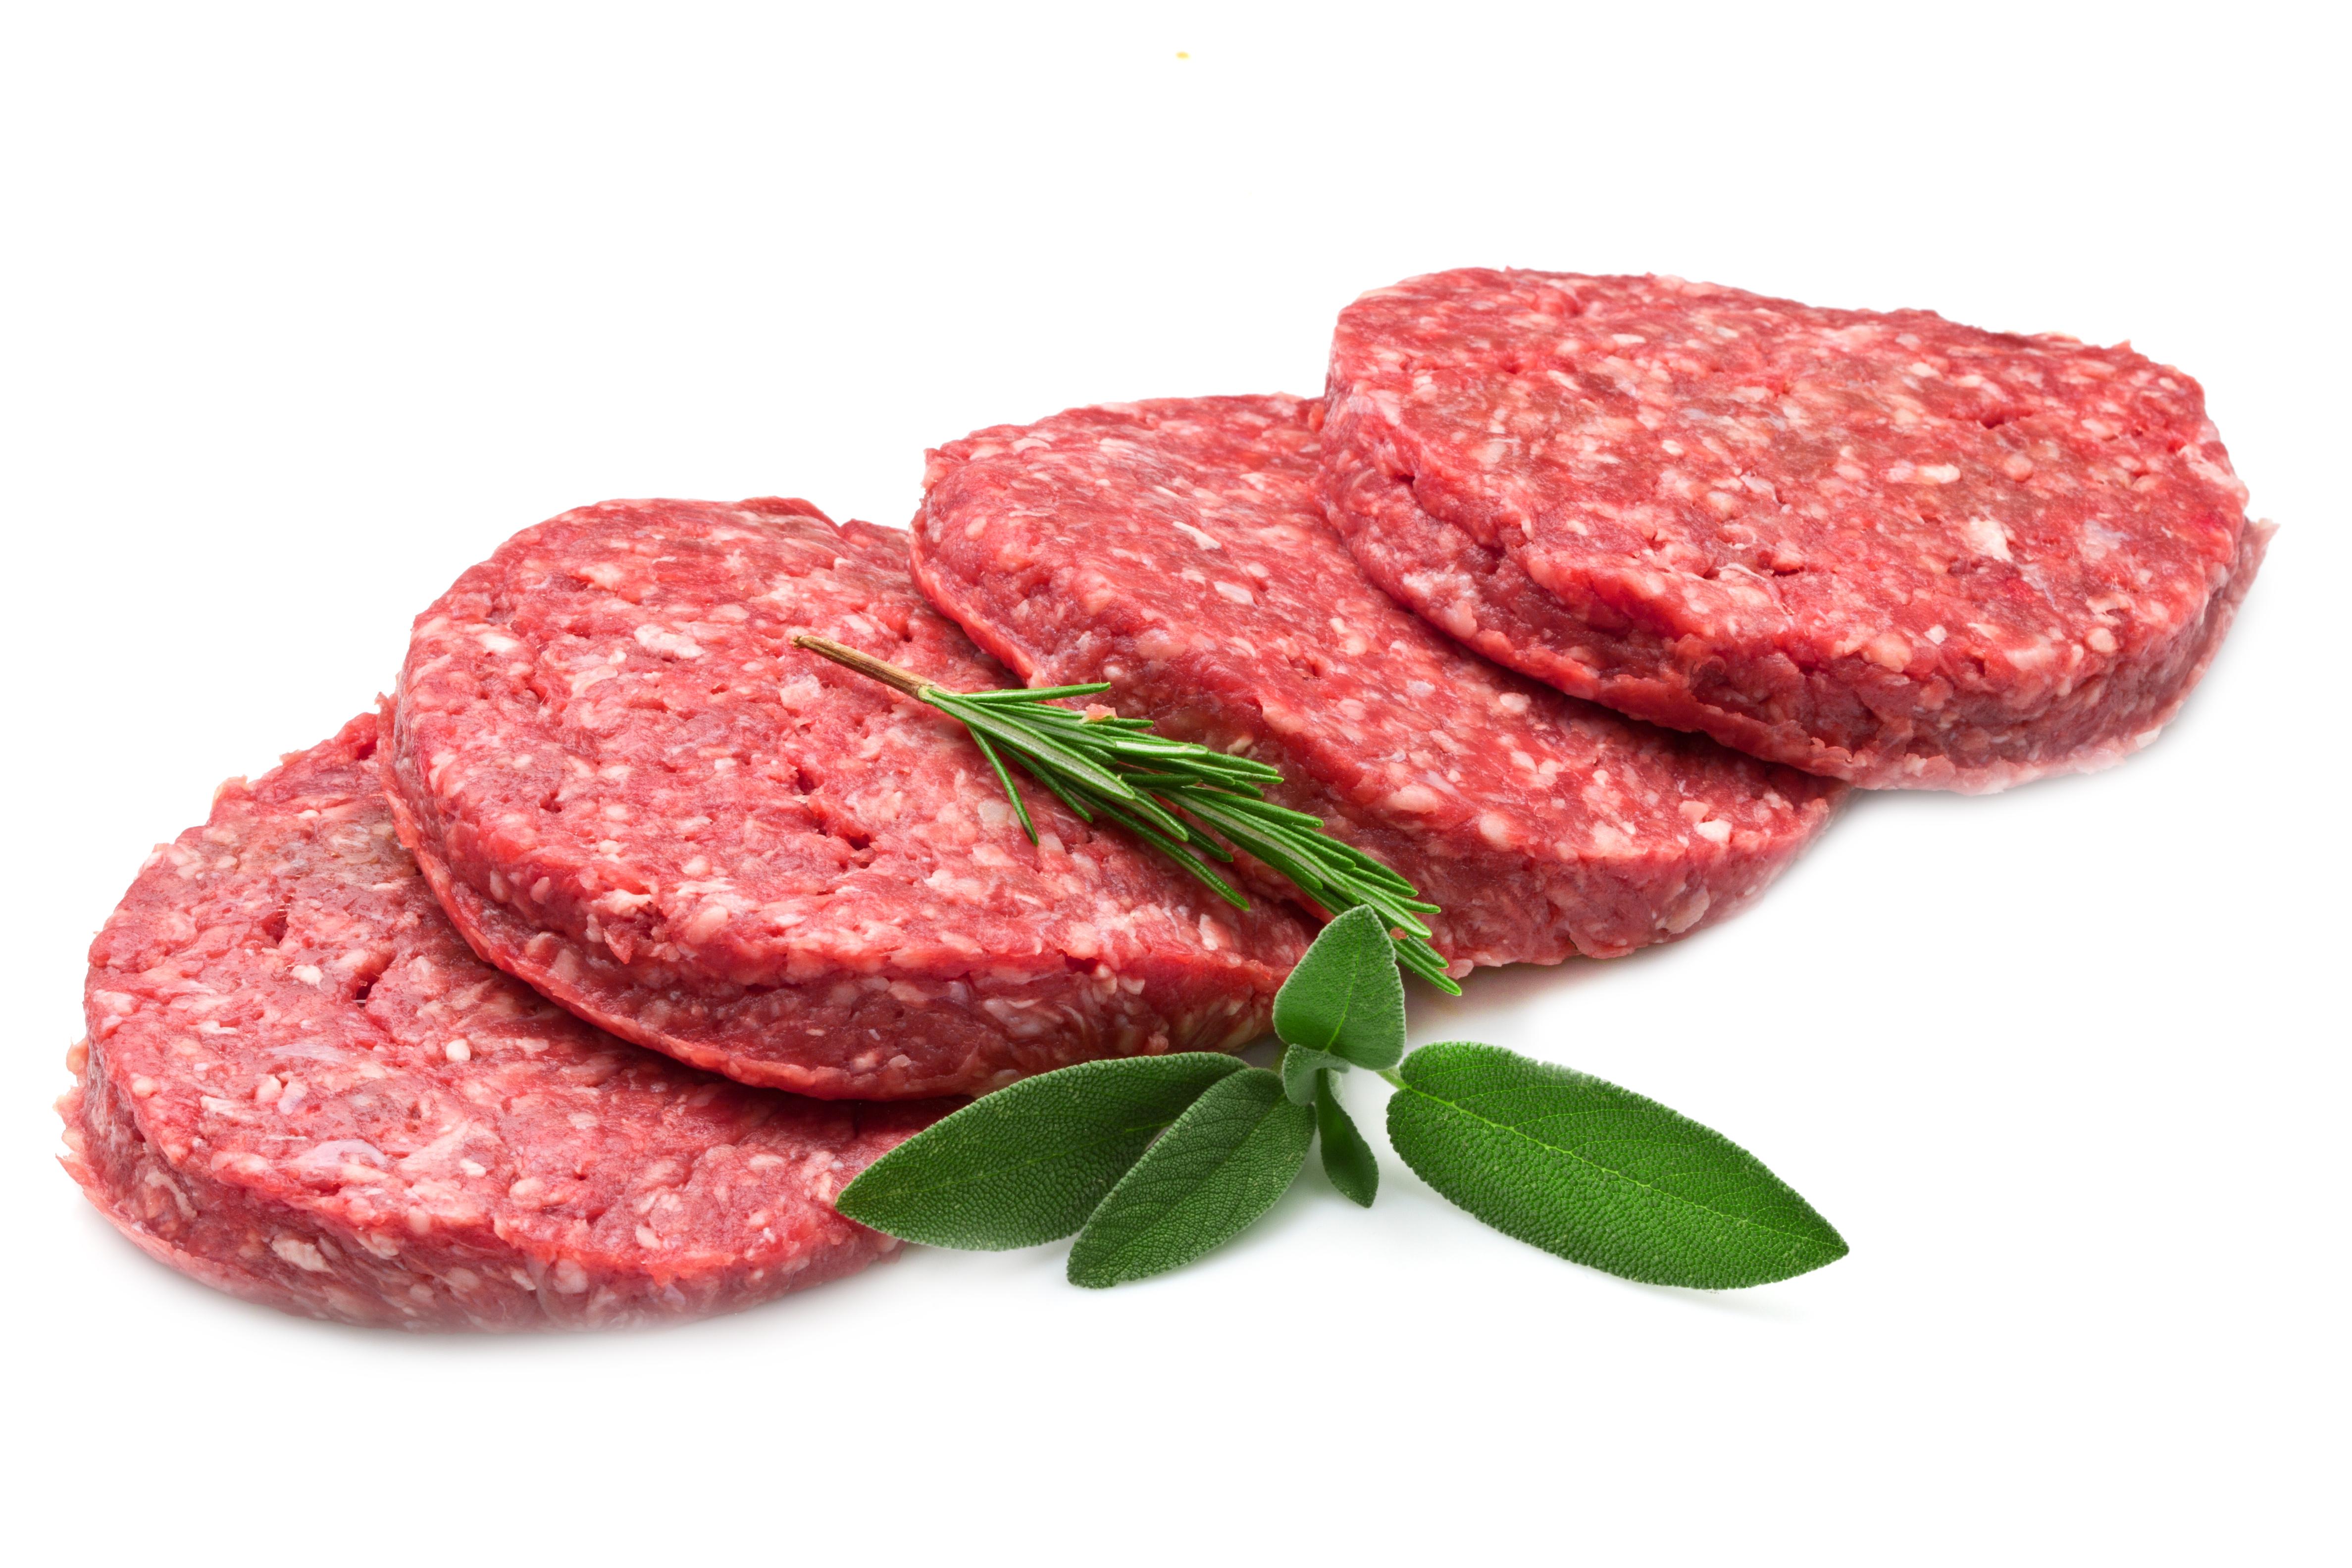 Formadora de hamburguesas Mampel